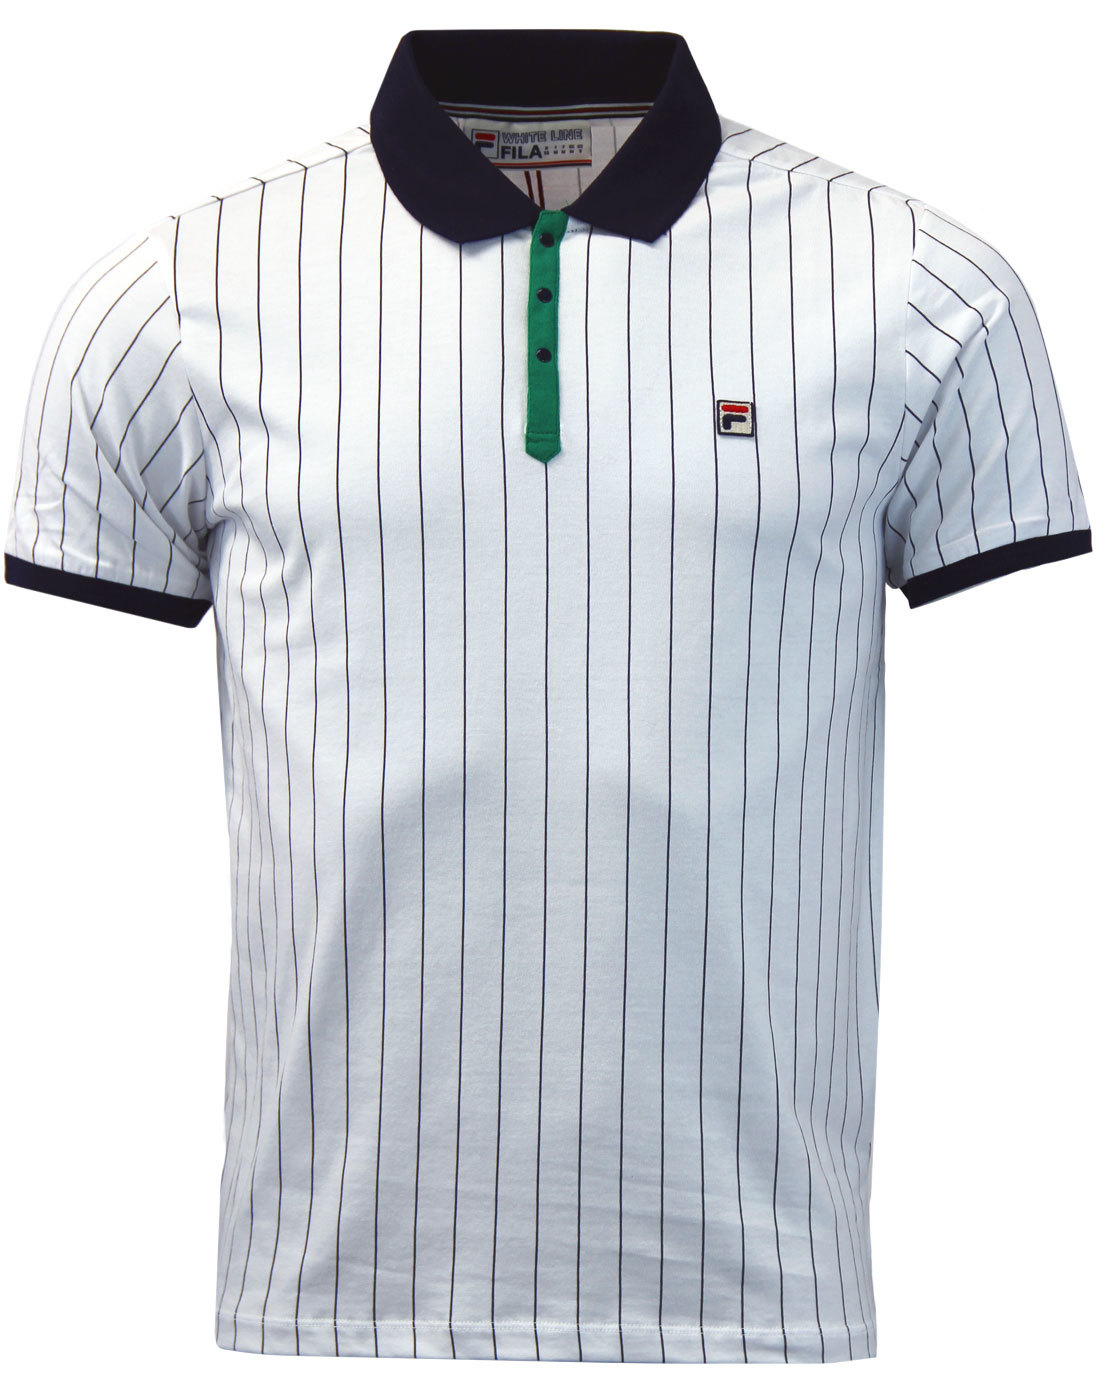 FILA VINTAGE BB1 Men's Retro 70s Indie Borg Tennis Polo in White